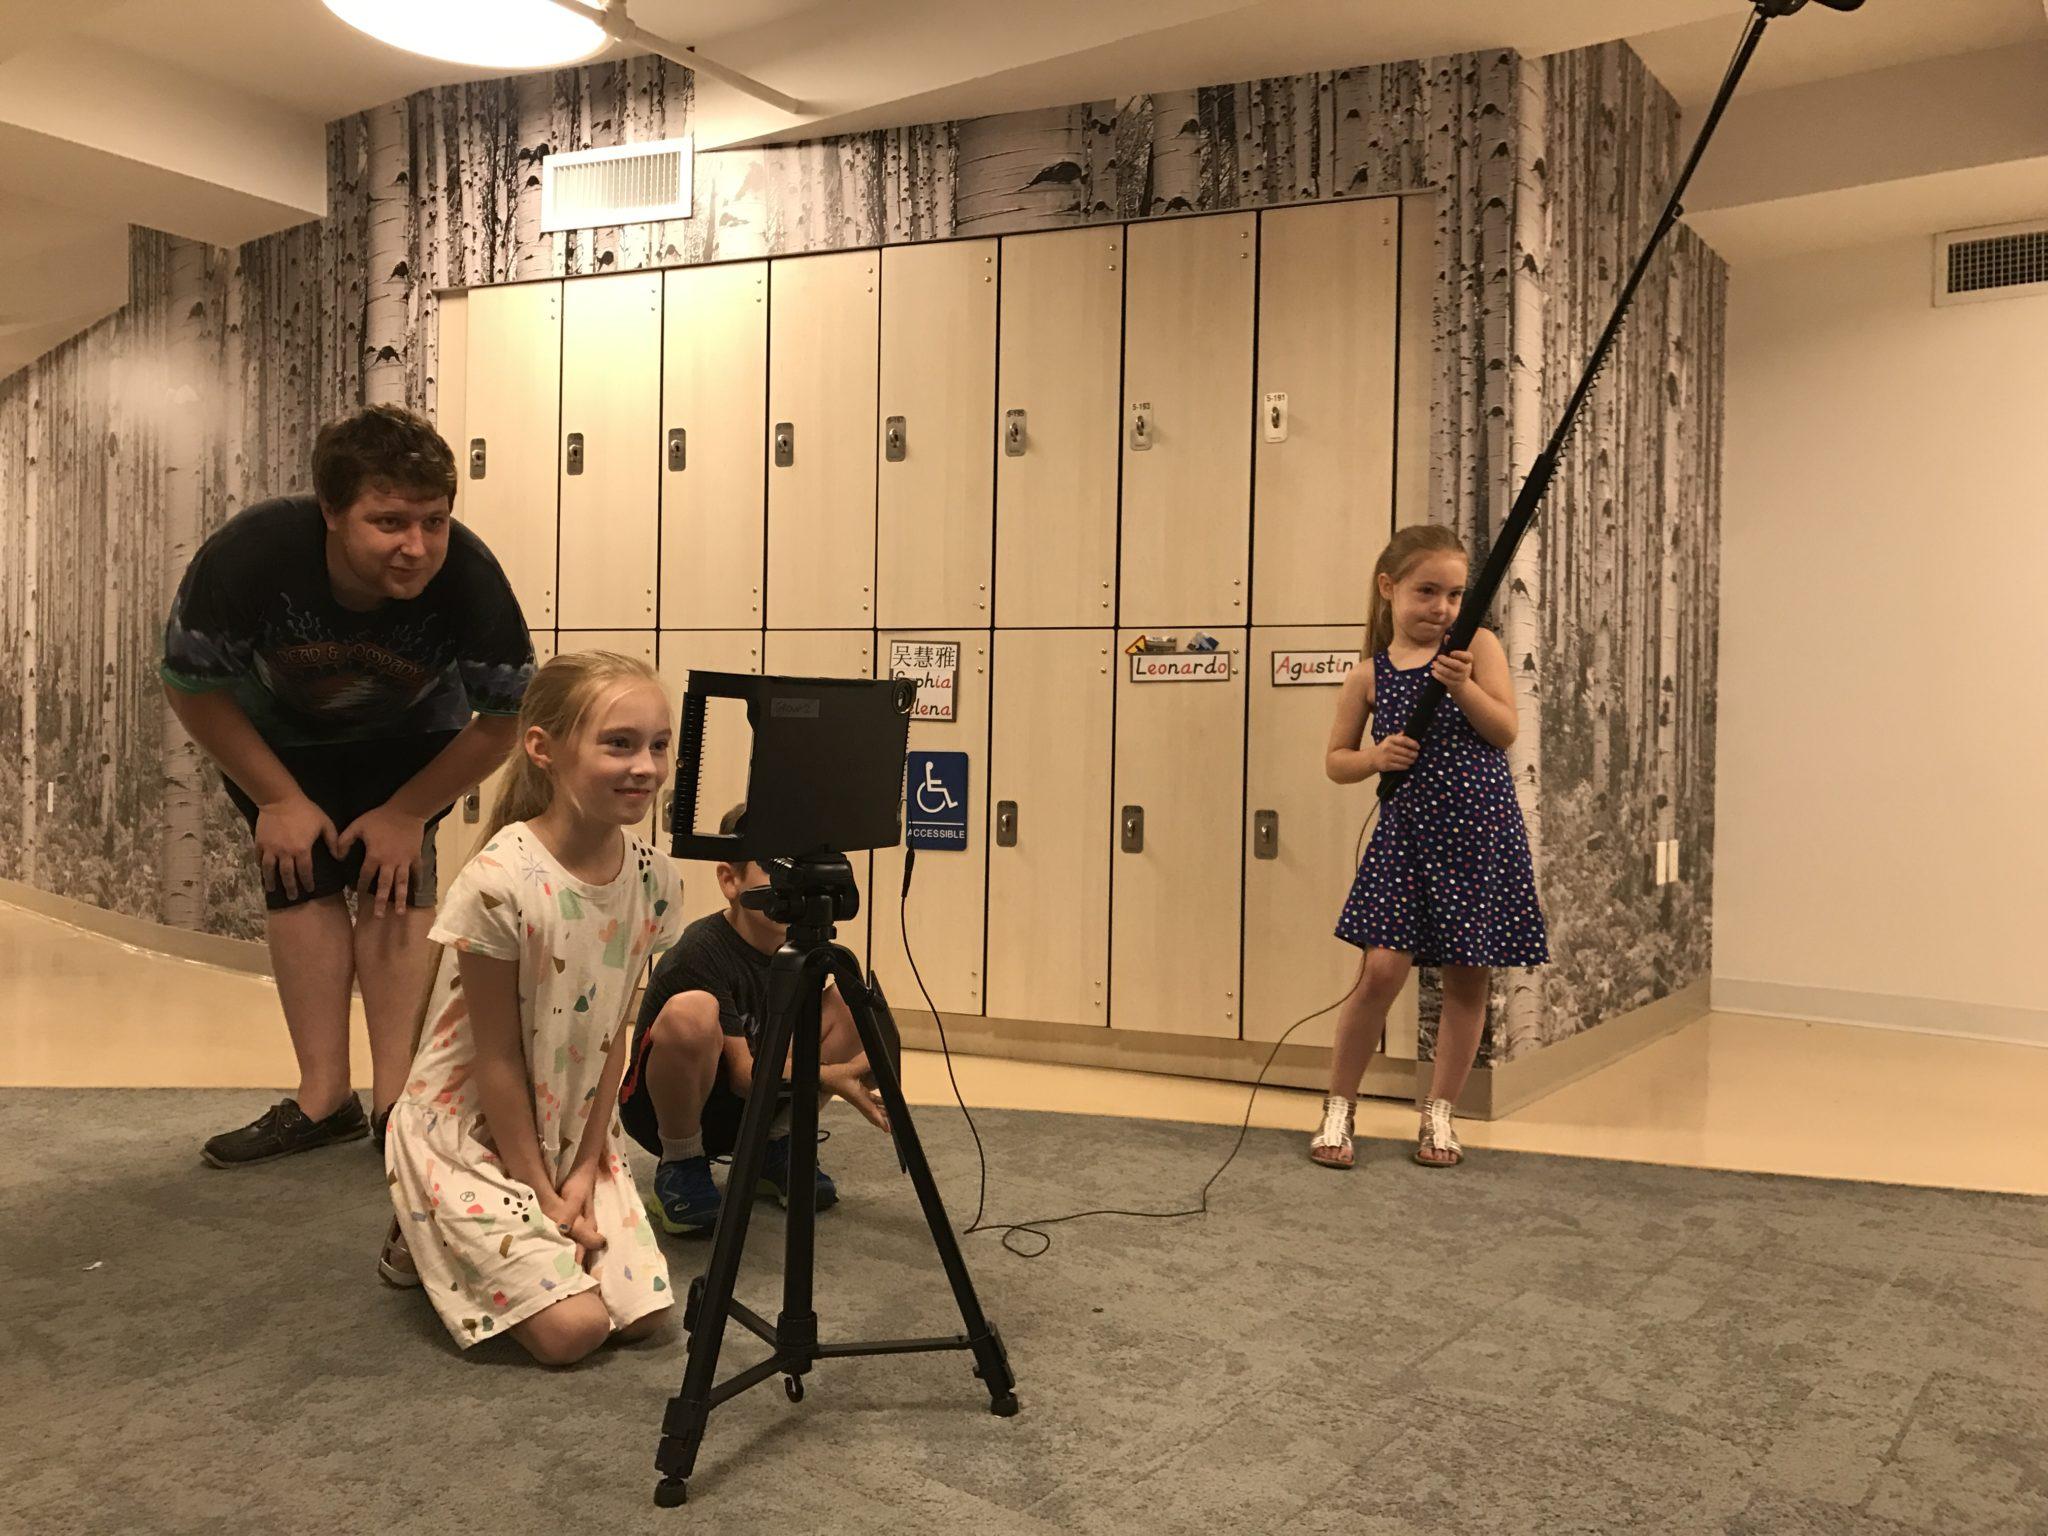 best film programs for kids - Cinemakidz